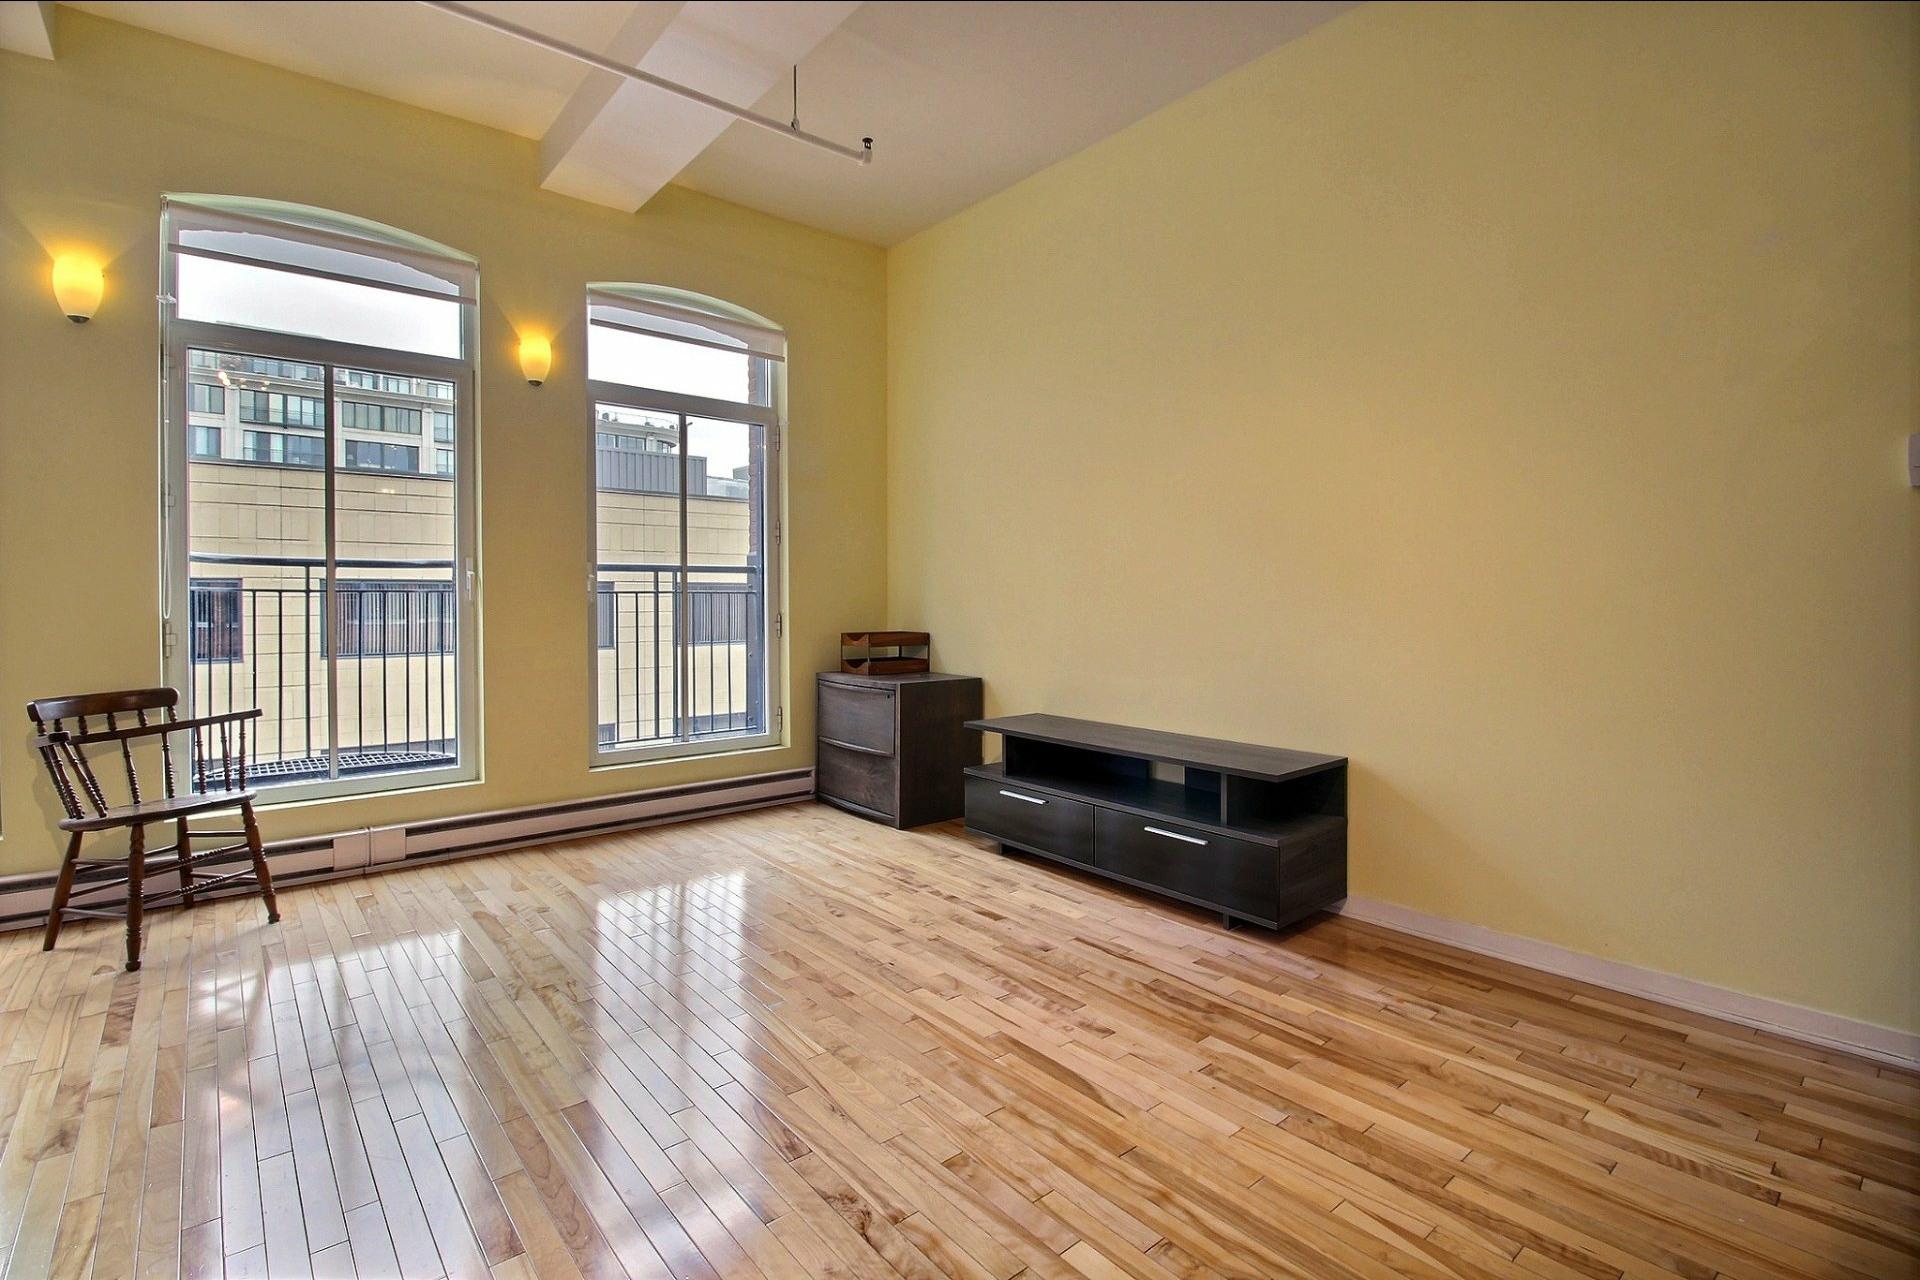 image 6 - Appartement À louer Ville-Marie Montréal  - 4 pièces